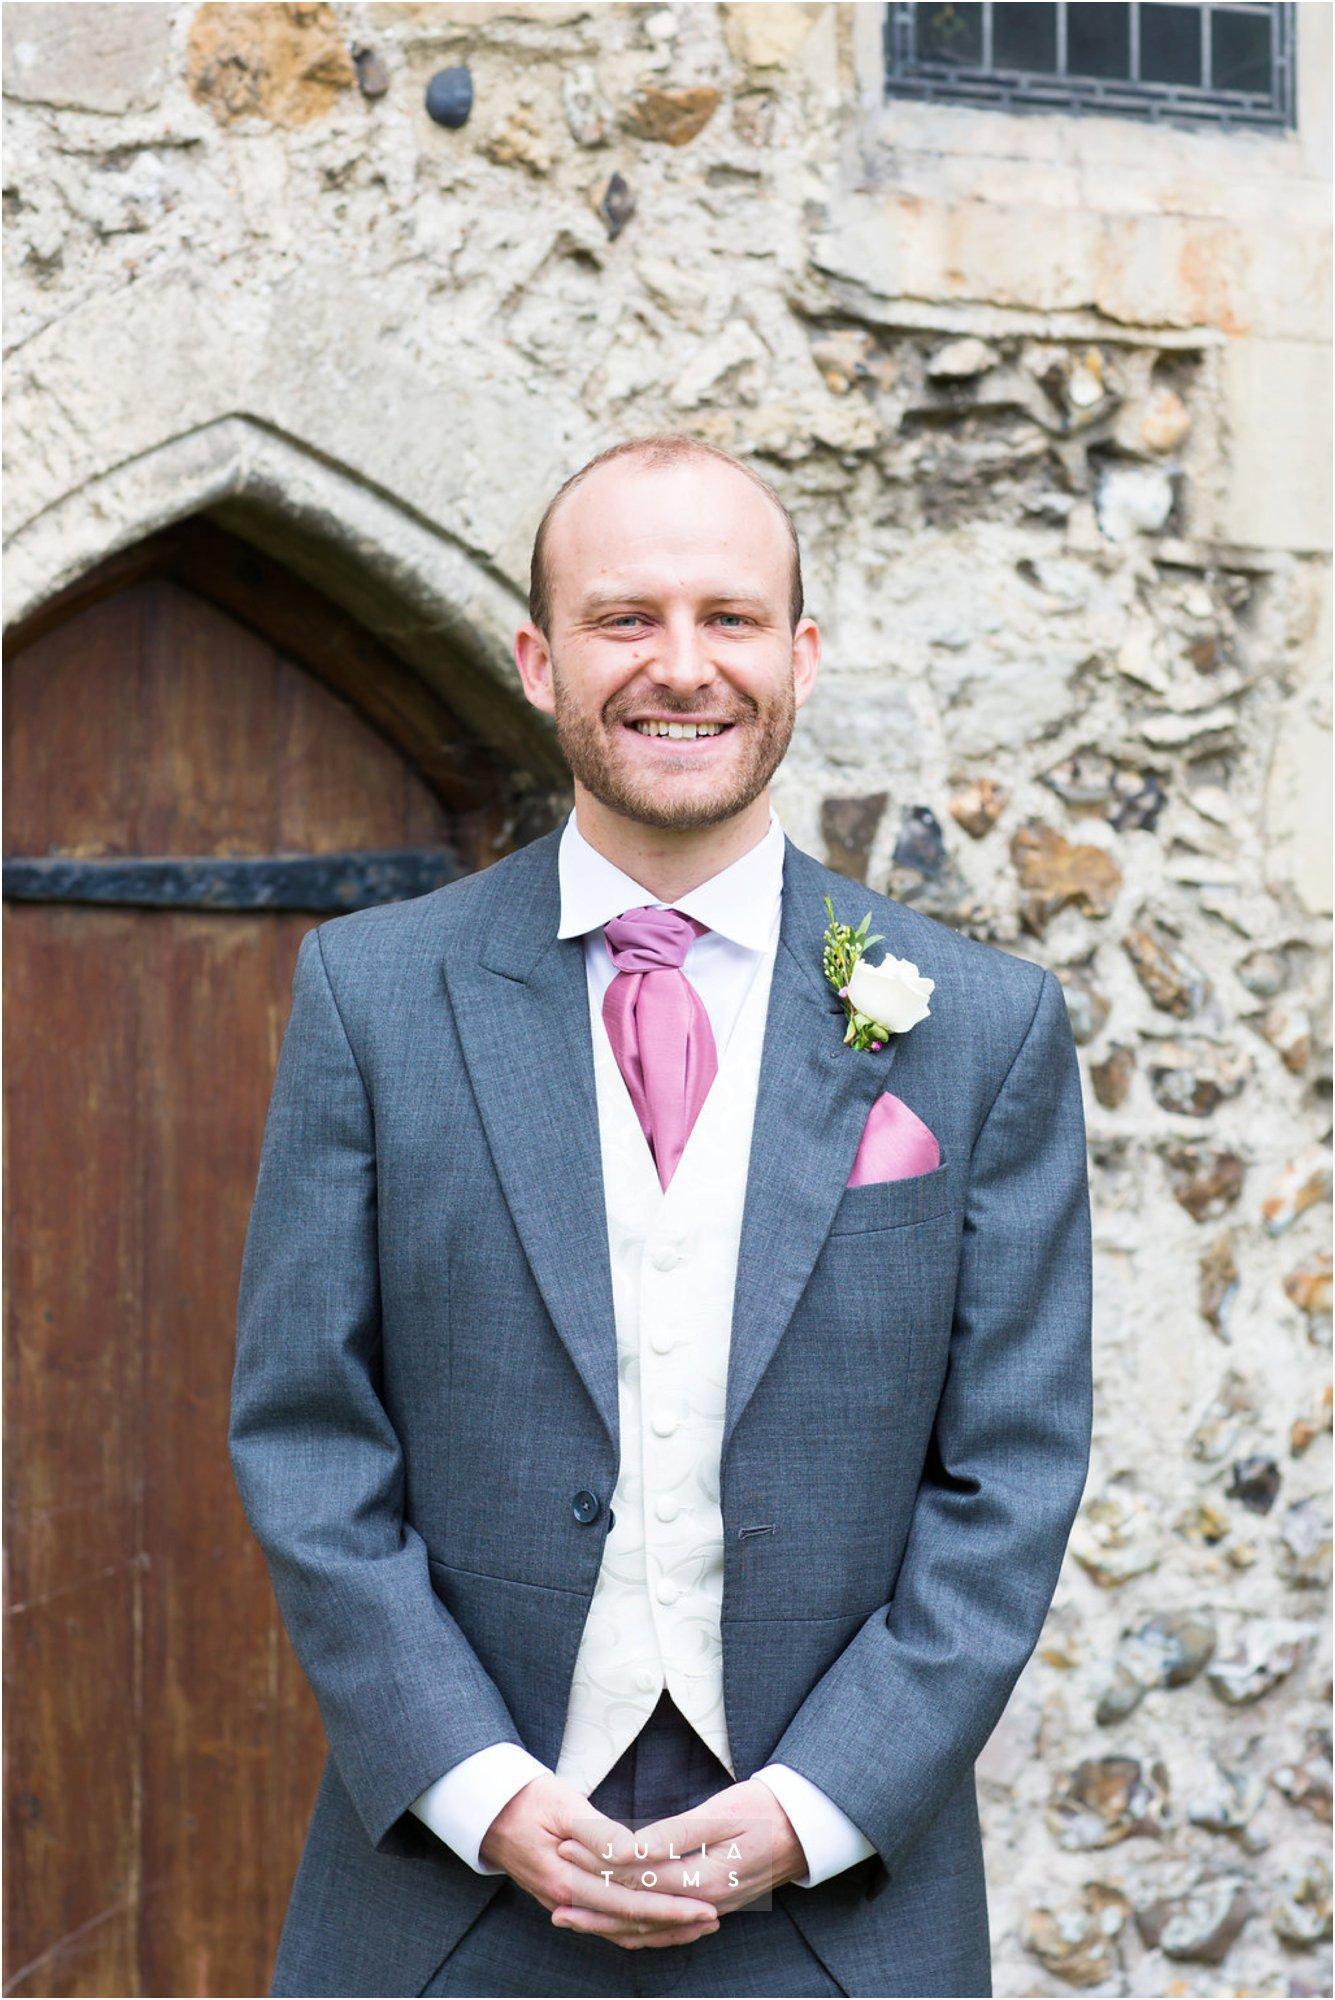 itchenor_wedding_chichester_photographer_016.jpg